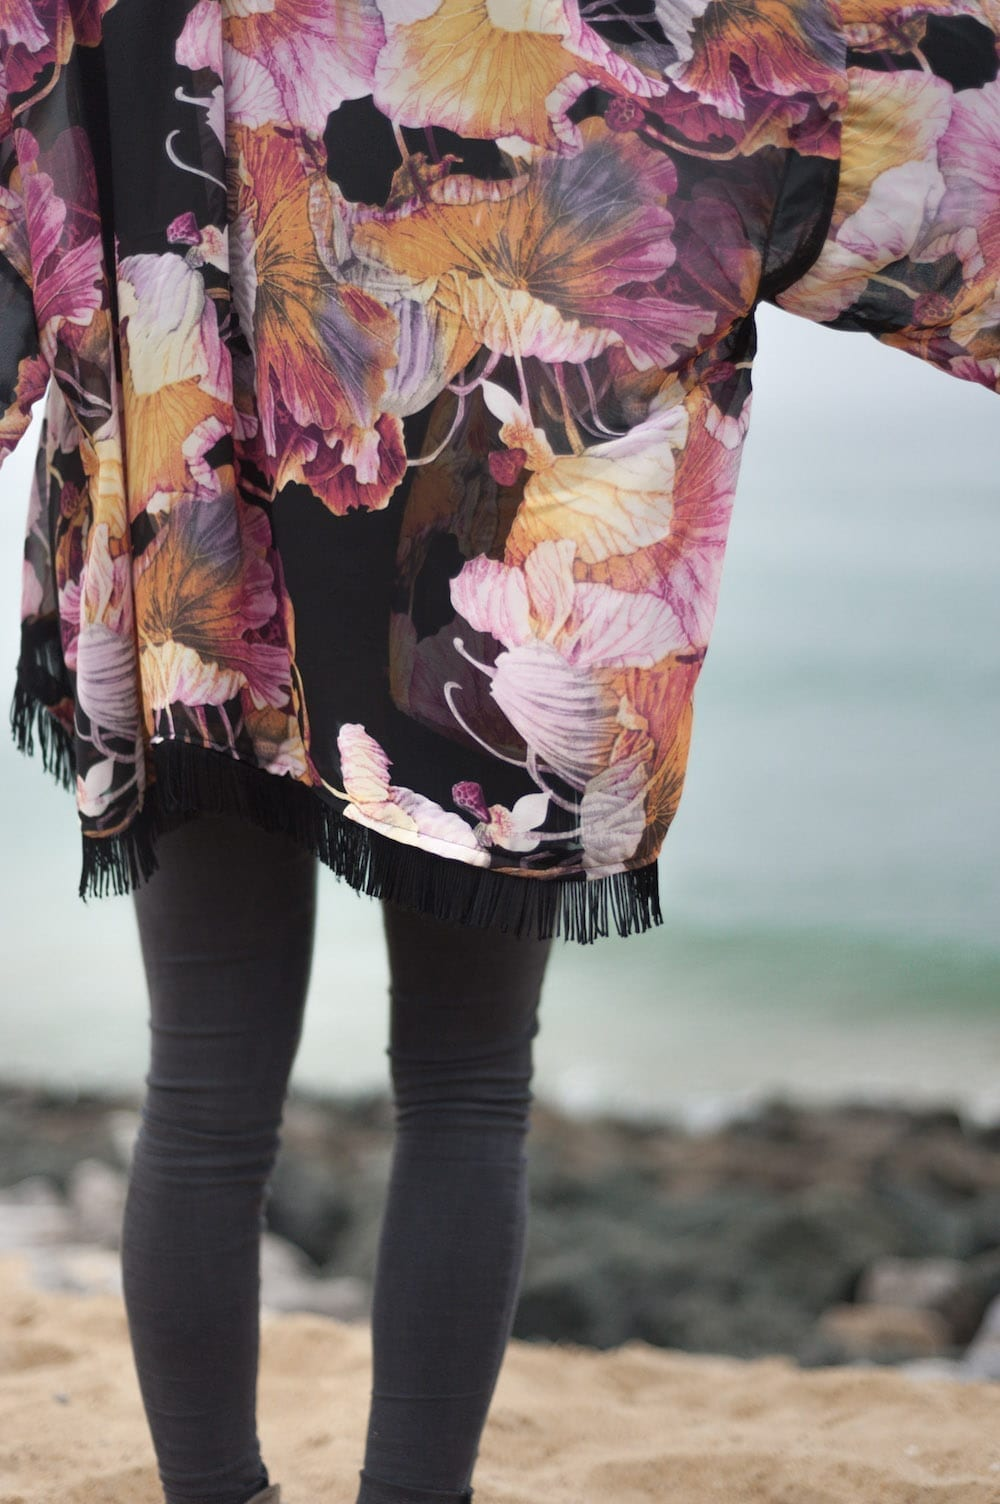 diy-couture-kimono-franges-10-2016-2181